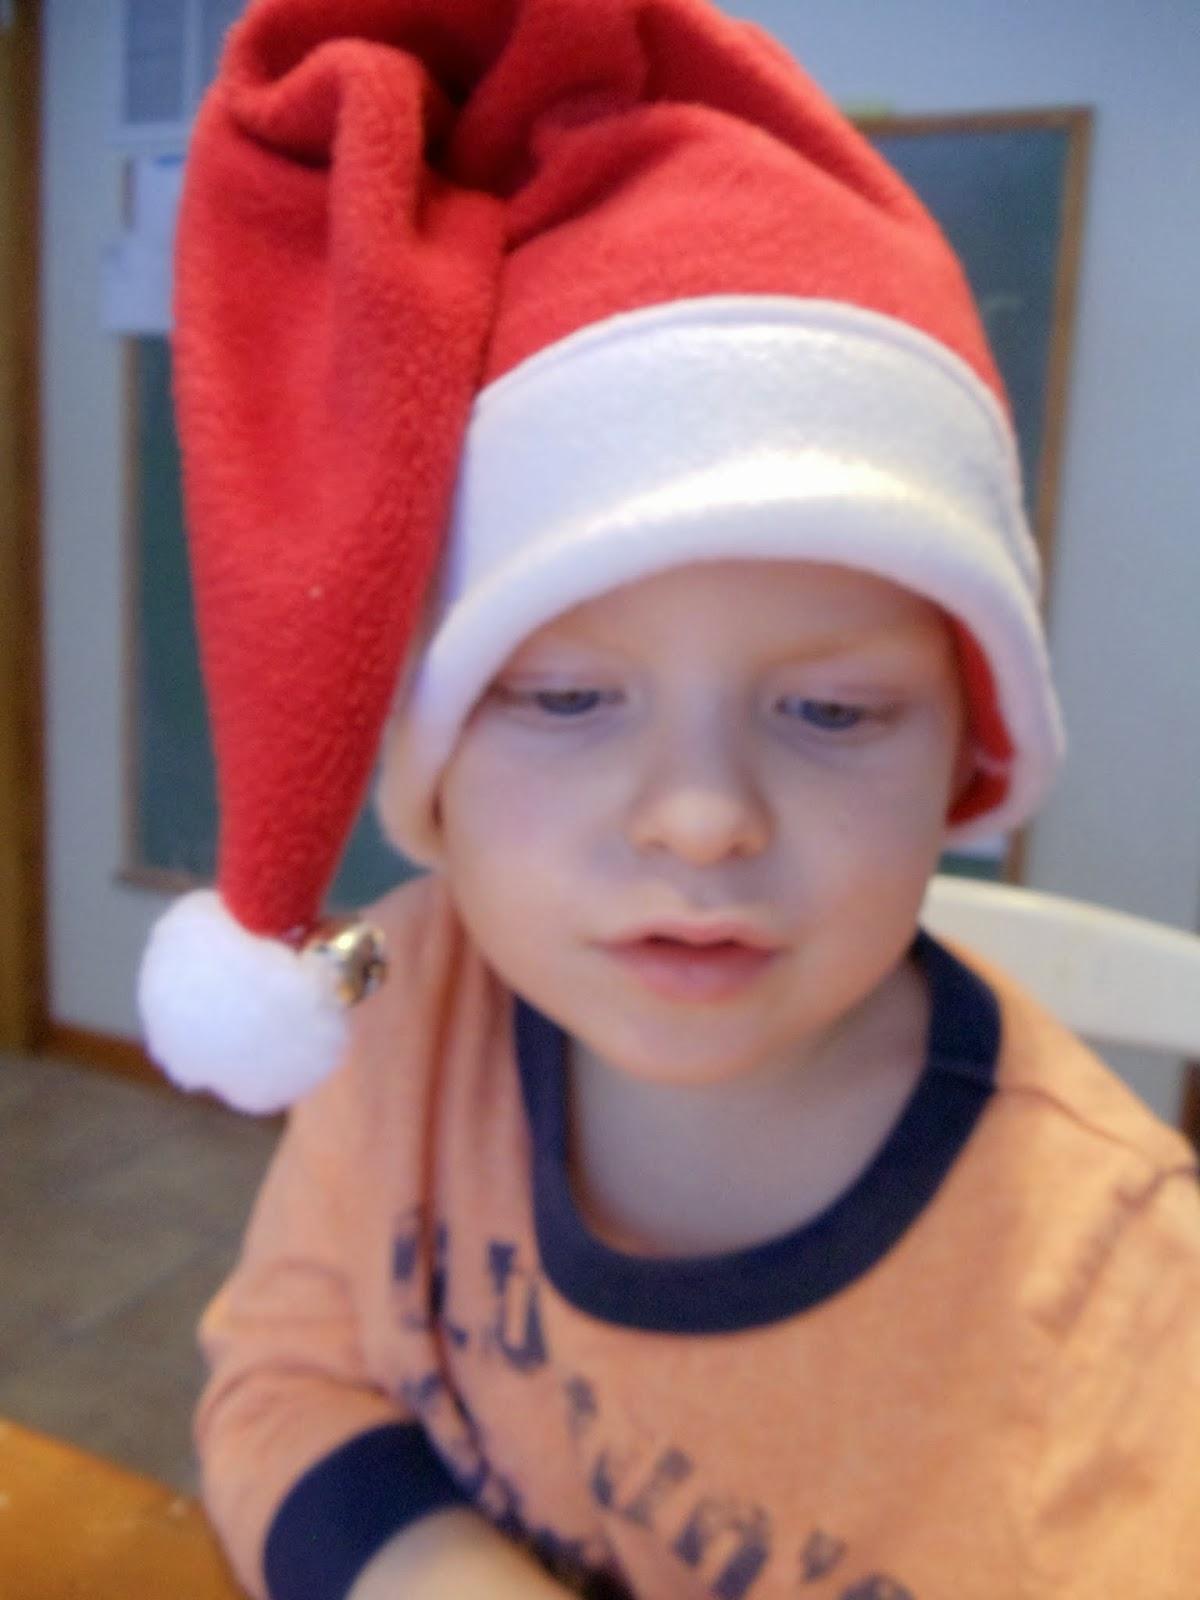 Doodah Kids Clothing  Santa Baby! Easy 4-seam Santa hat FREE pattern ... 822b4c070d4